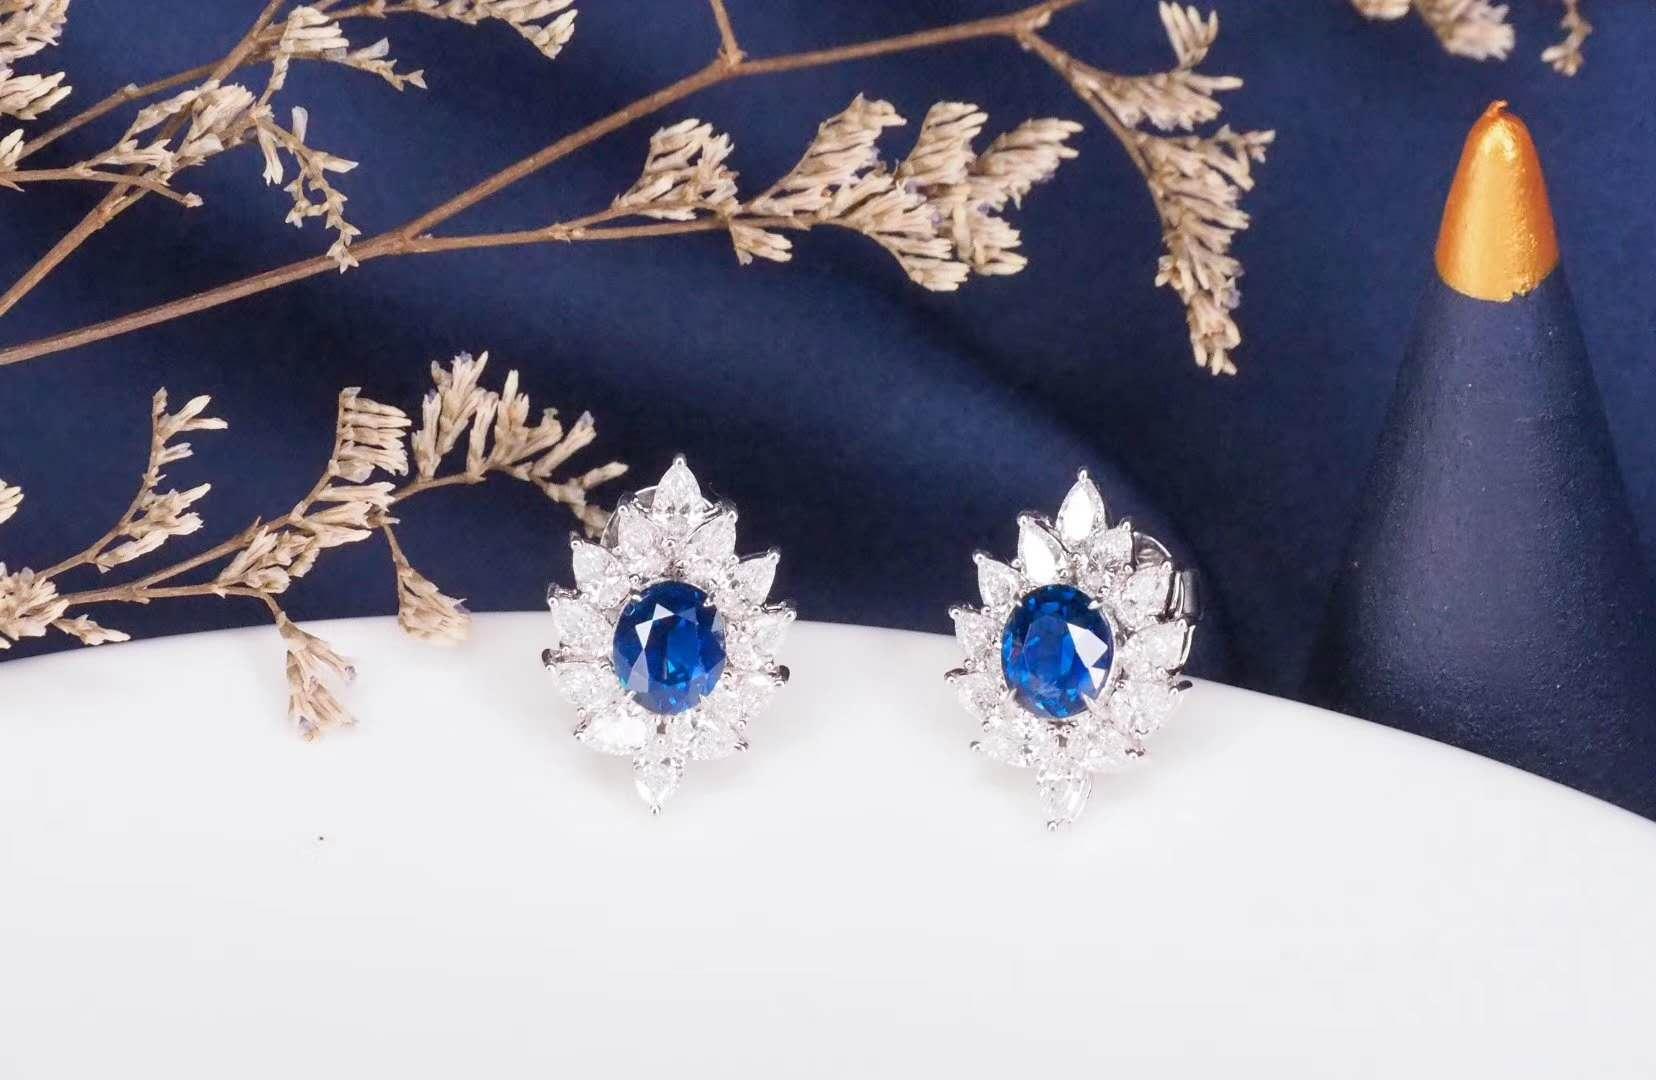 蓝宝石中皇家蓝居然不是最受宠的